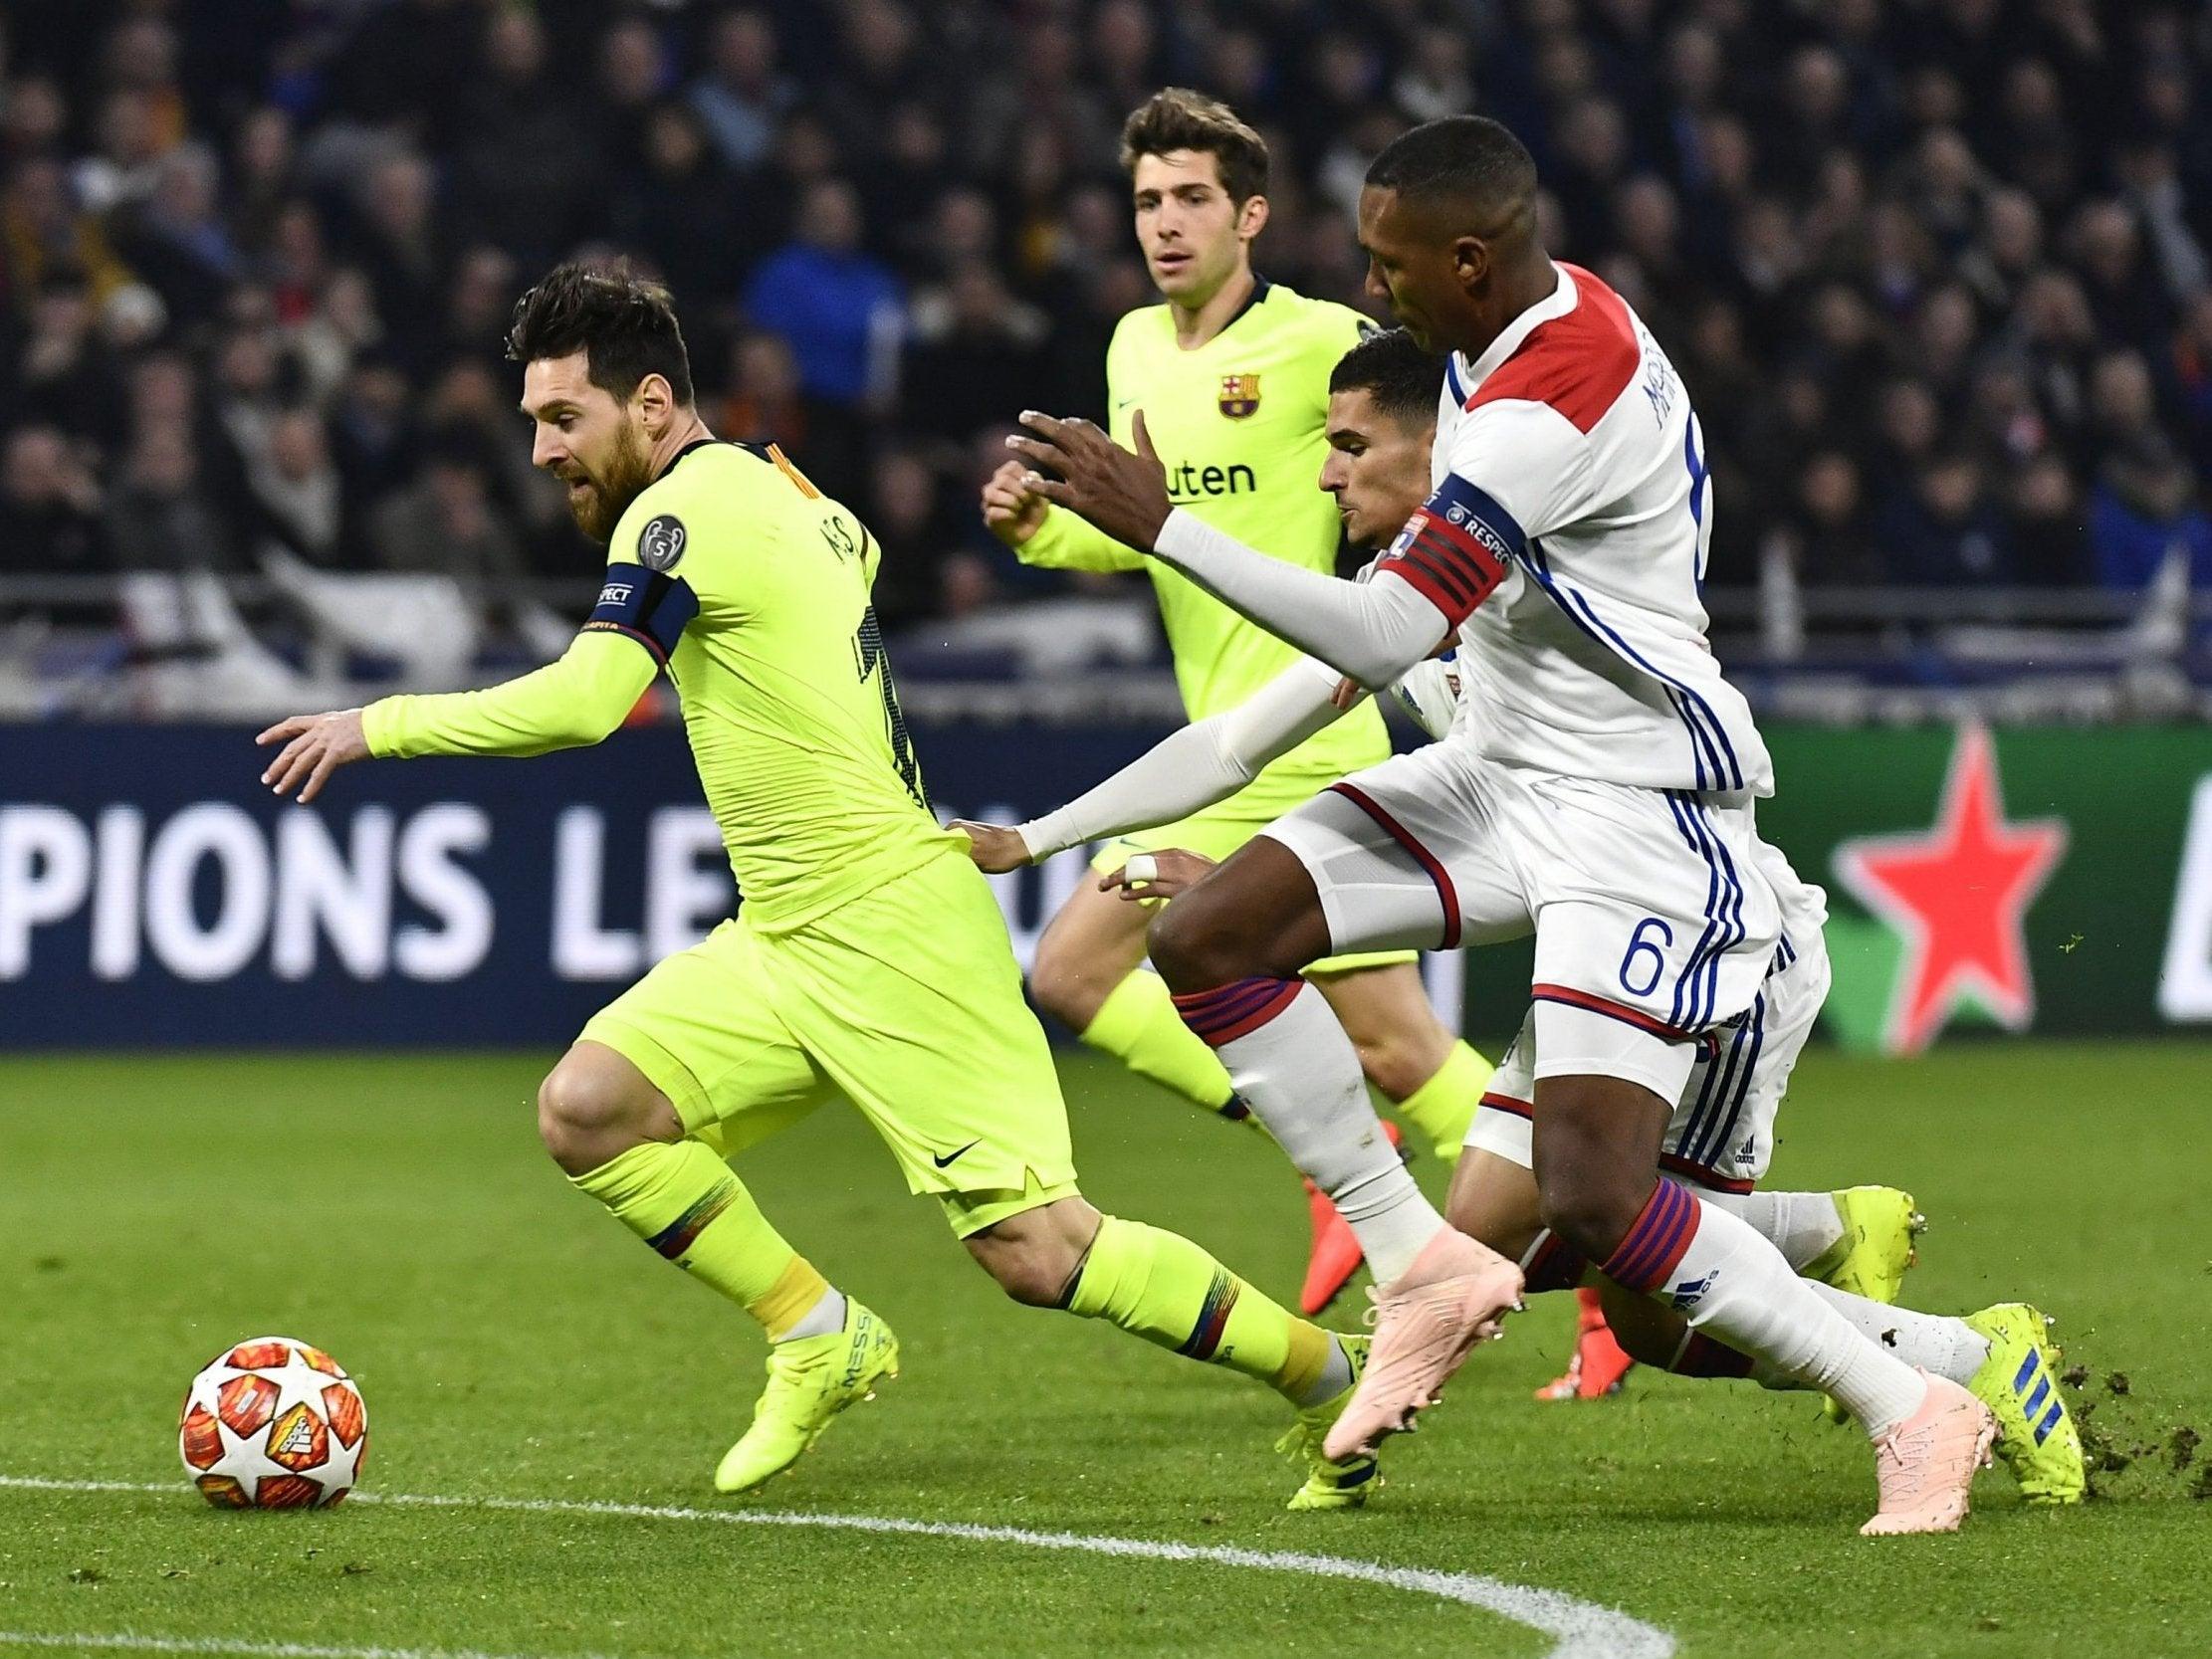 93e0b6930 Olympique Lyonnais - latest news